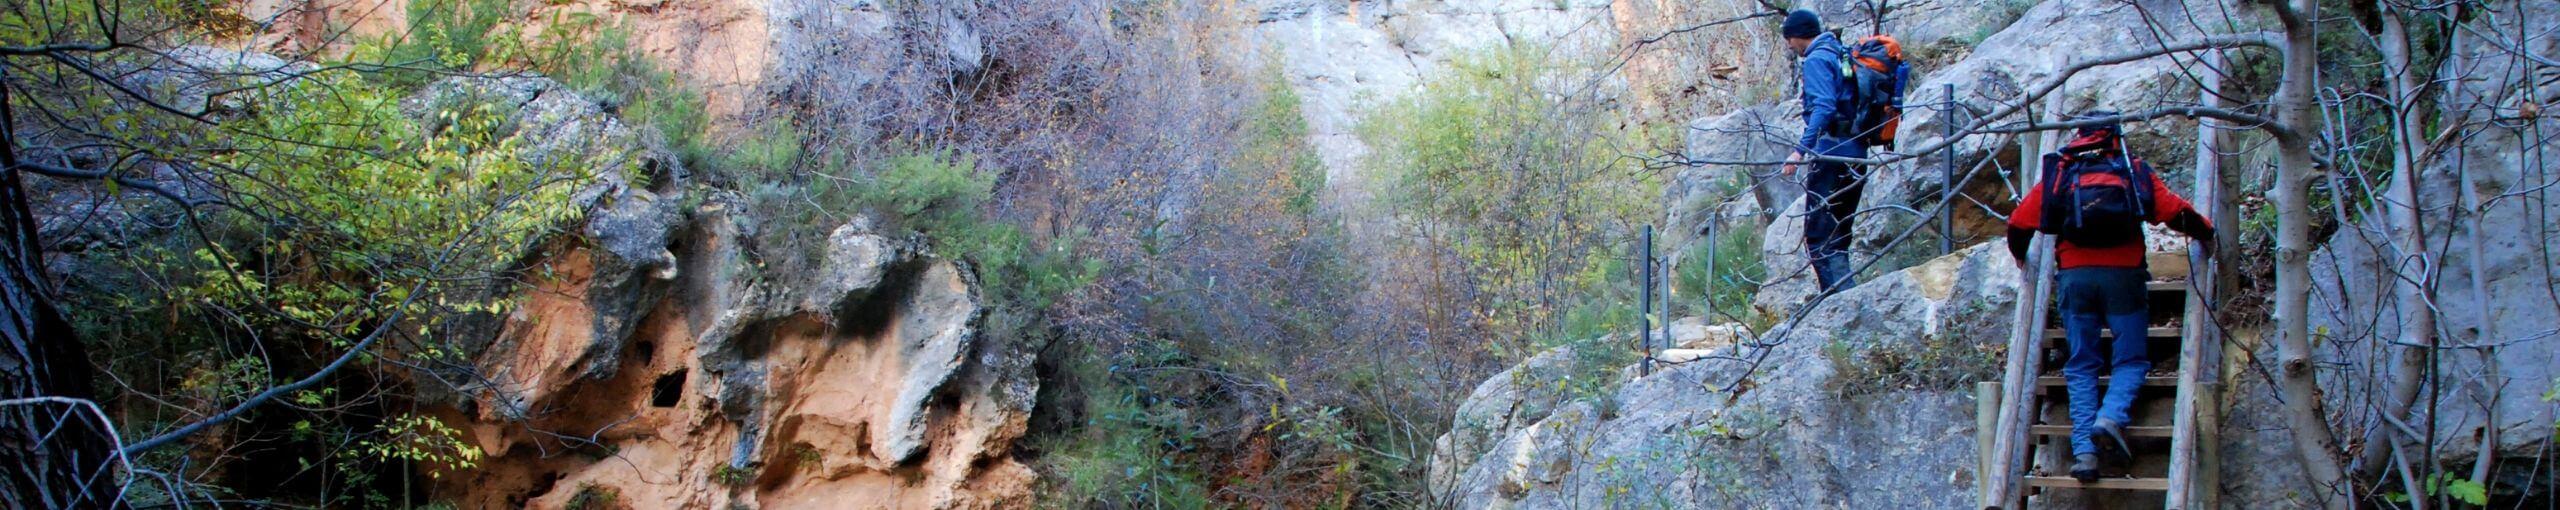 Estrechos del Río Ebrón. El Cuervo, Tormón. Teruel, Aragón.